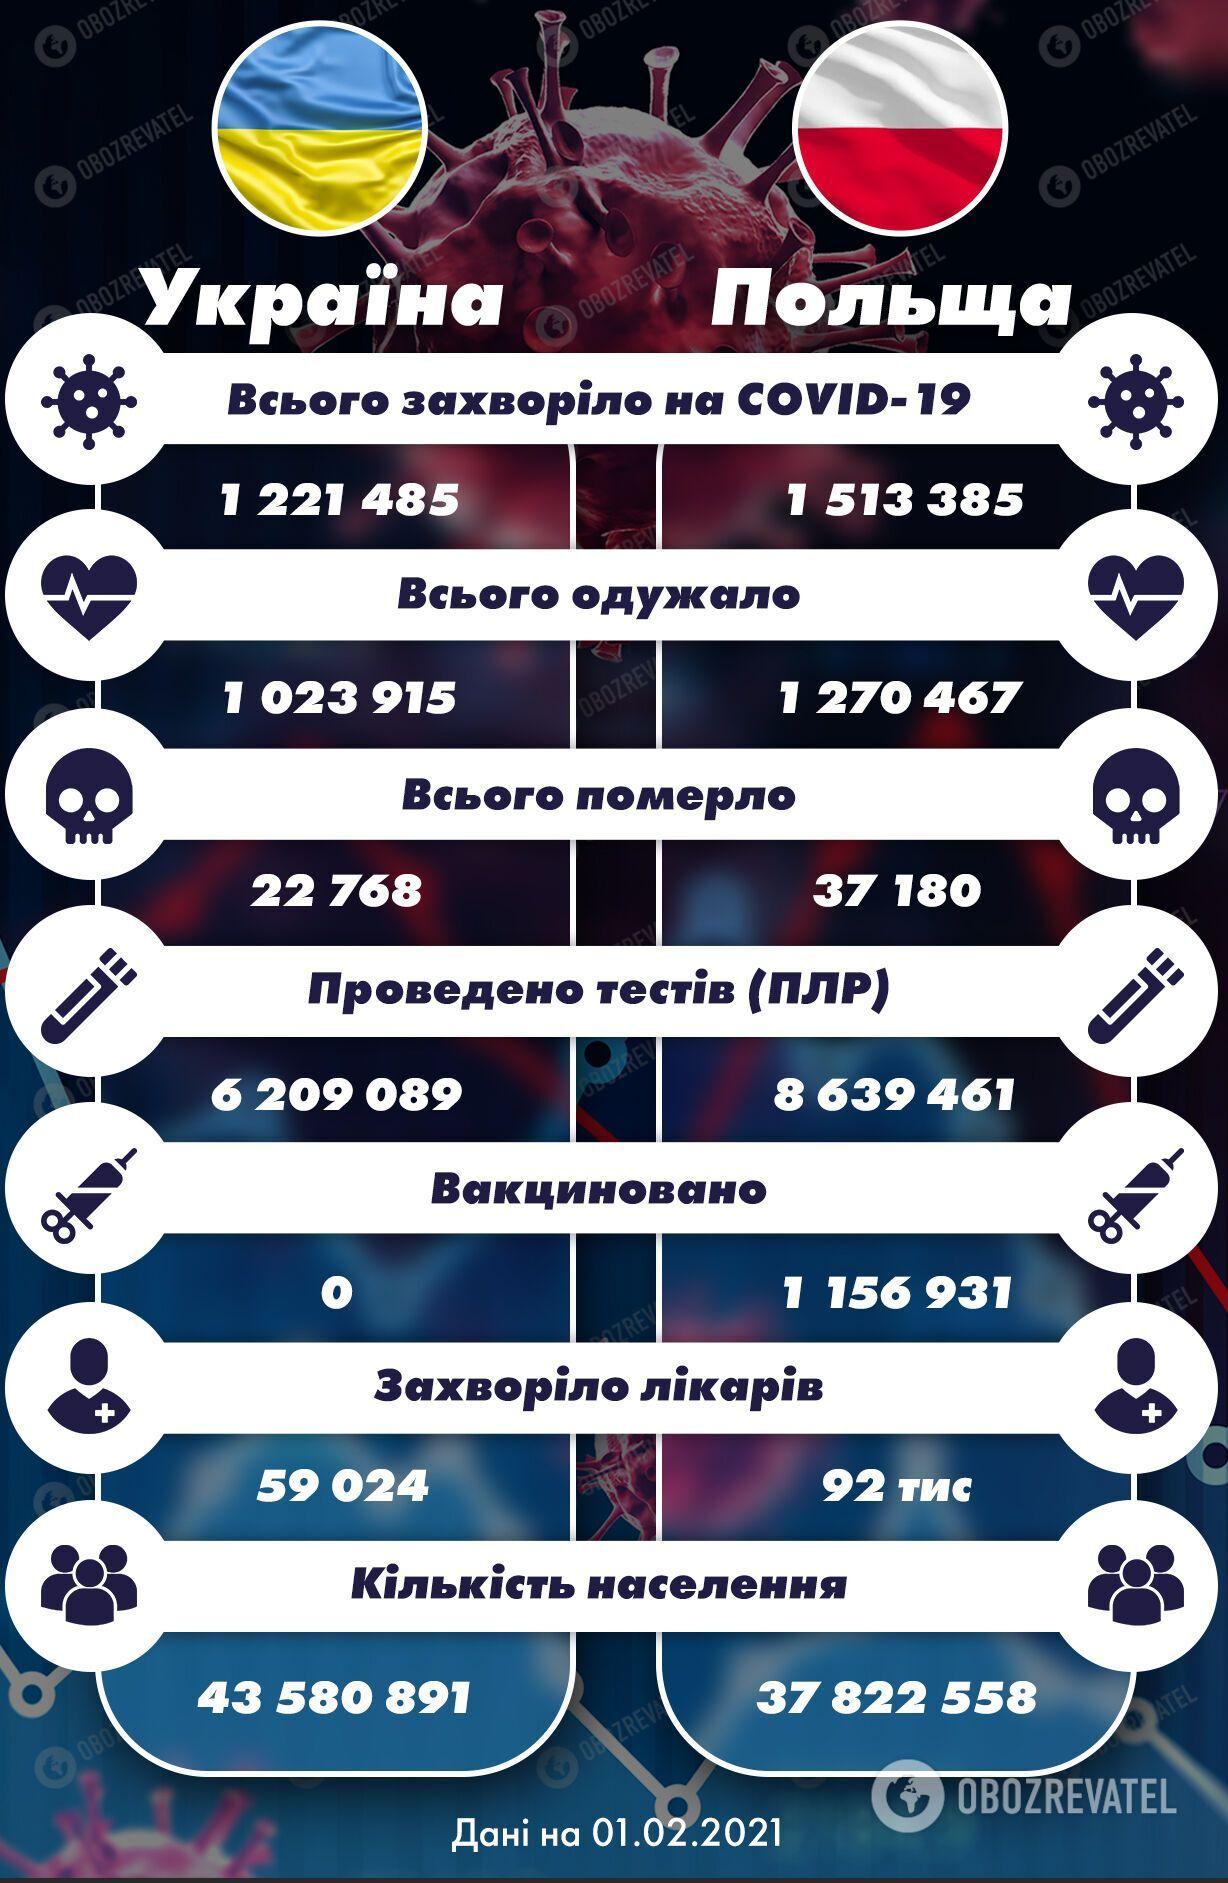 Сравнительная статистика по развитию эпидемии коронавируса в Украине и Польше по официальным данным